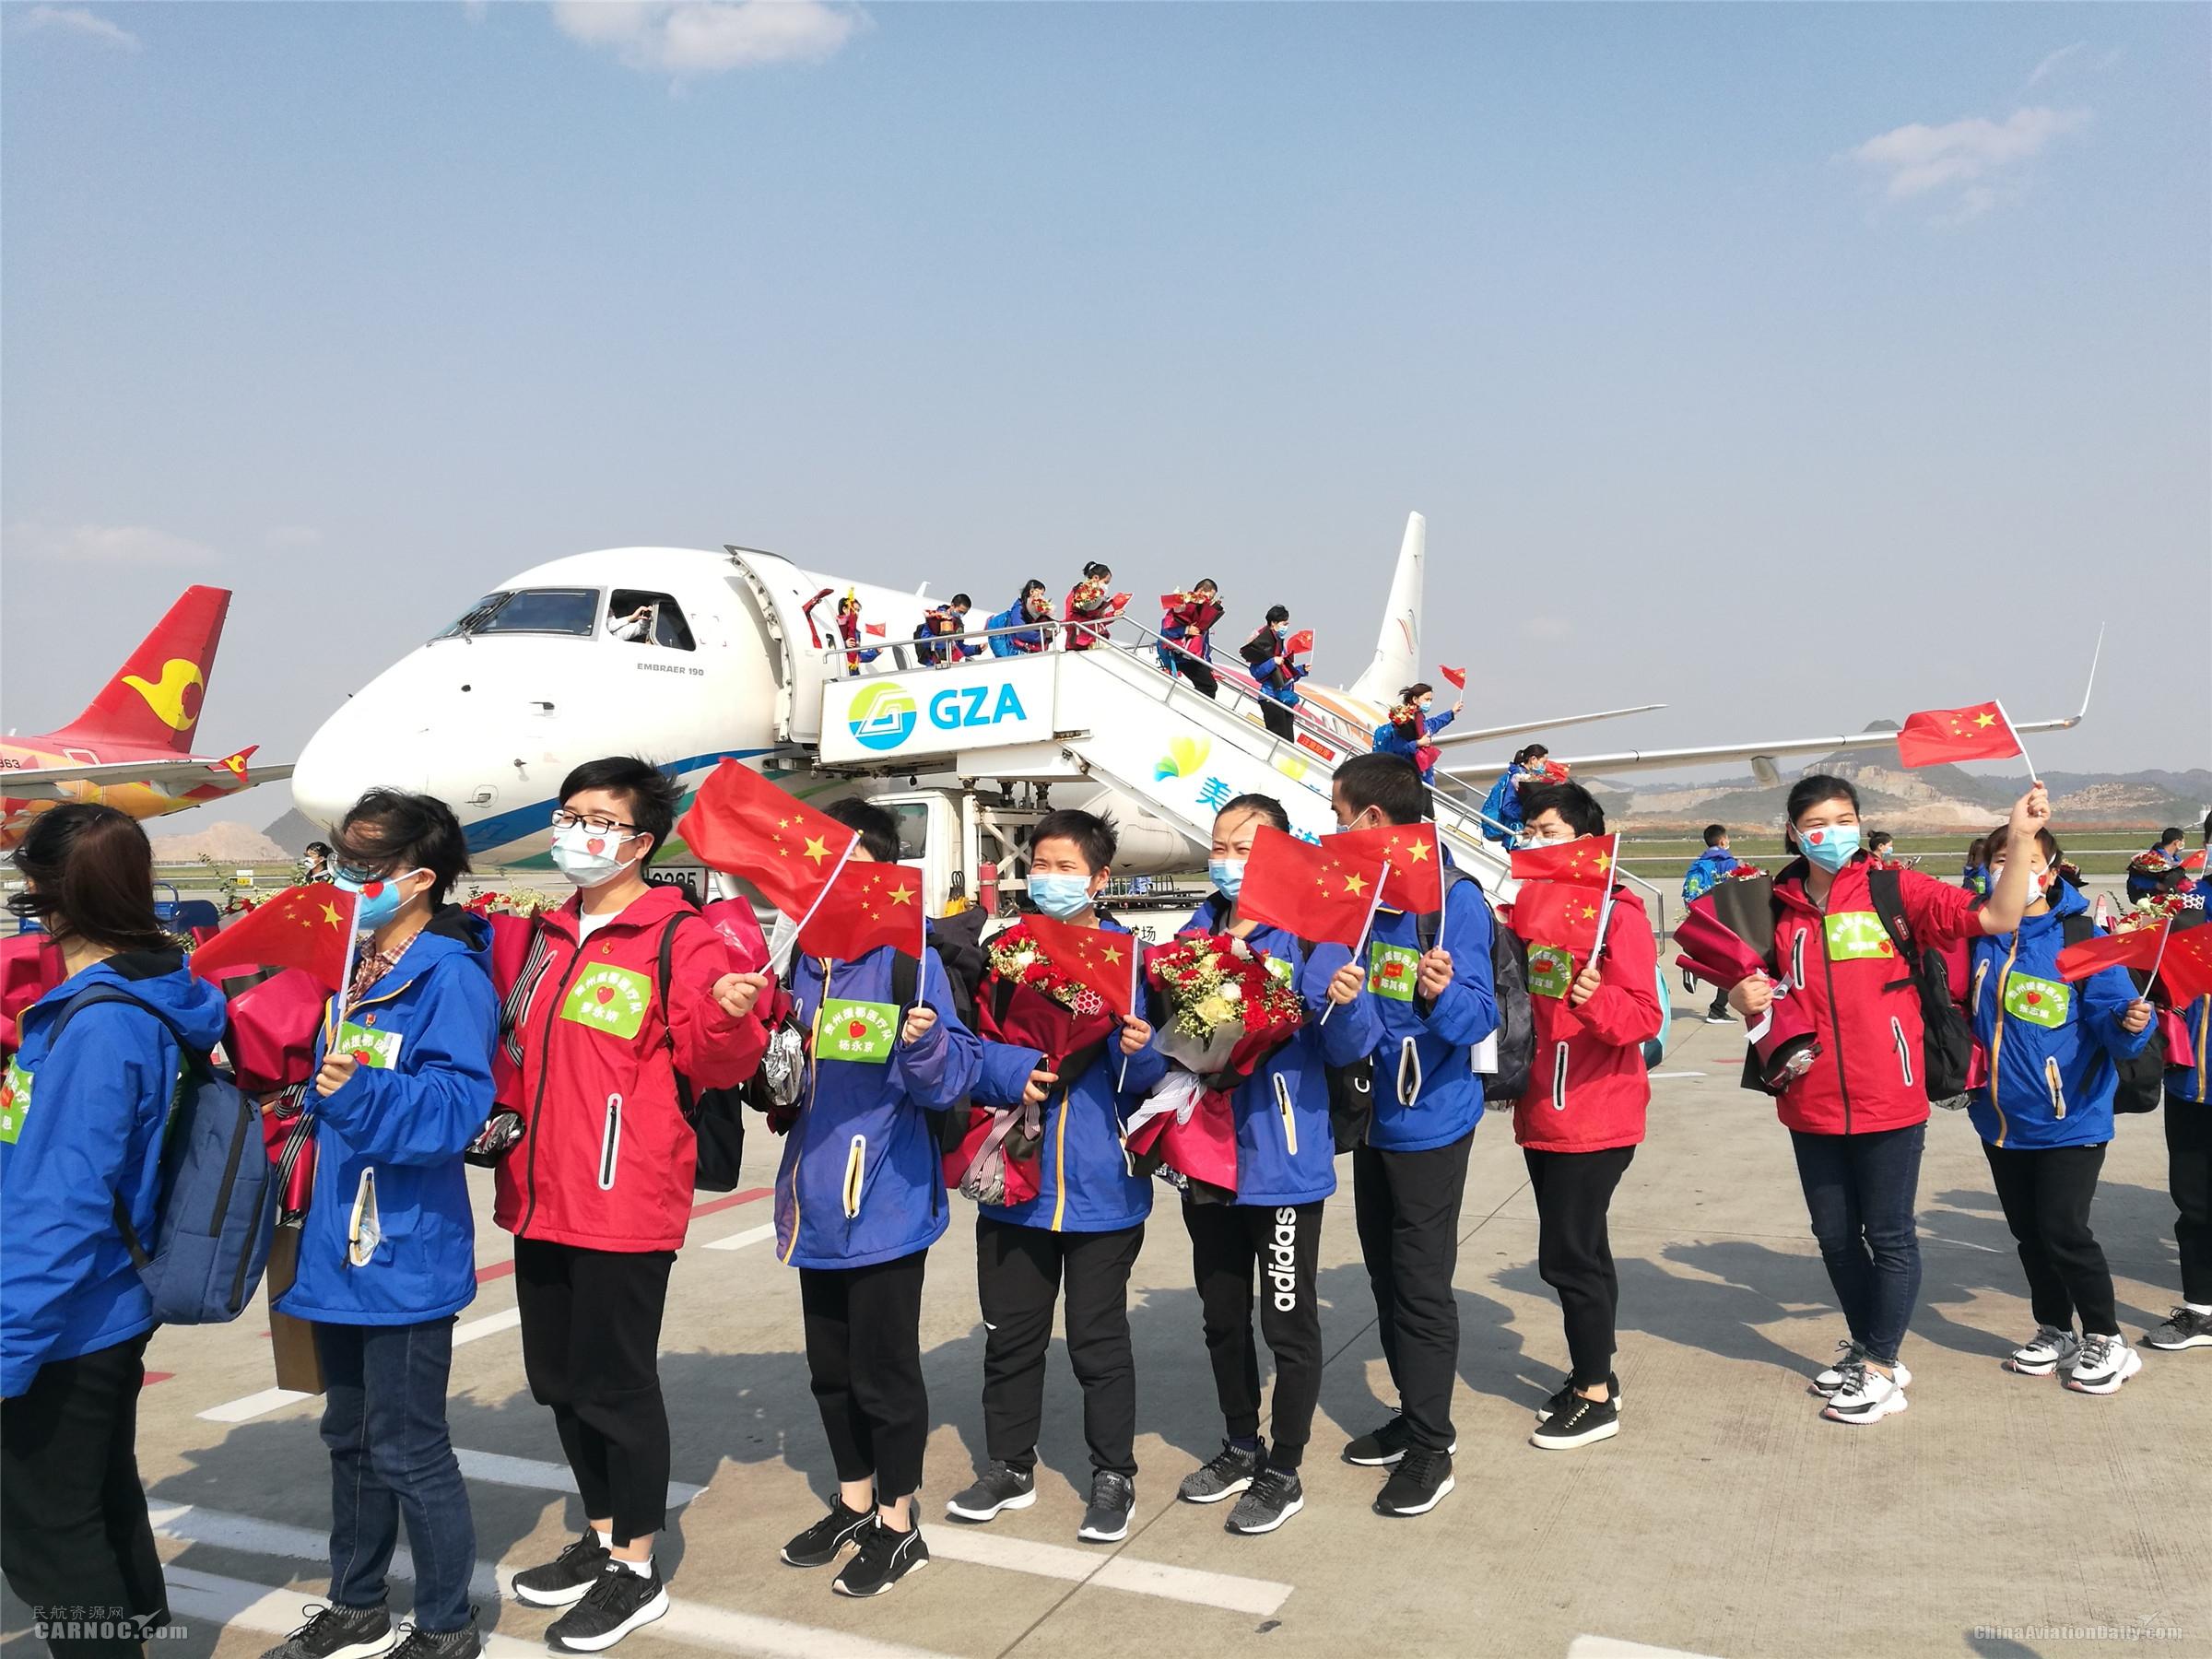 多彩贵州航空保障贵州第五批援鄂医疗队安全返黔